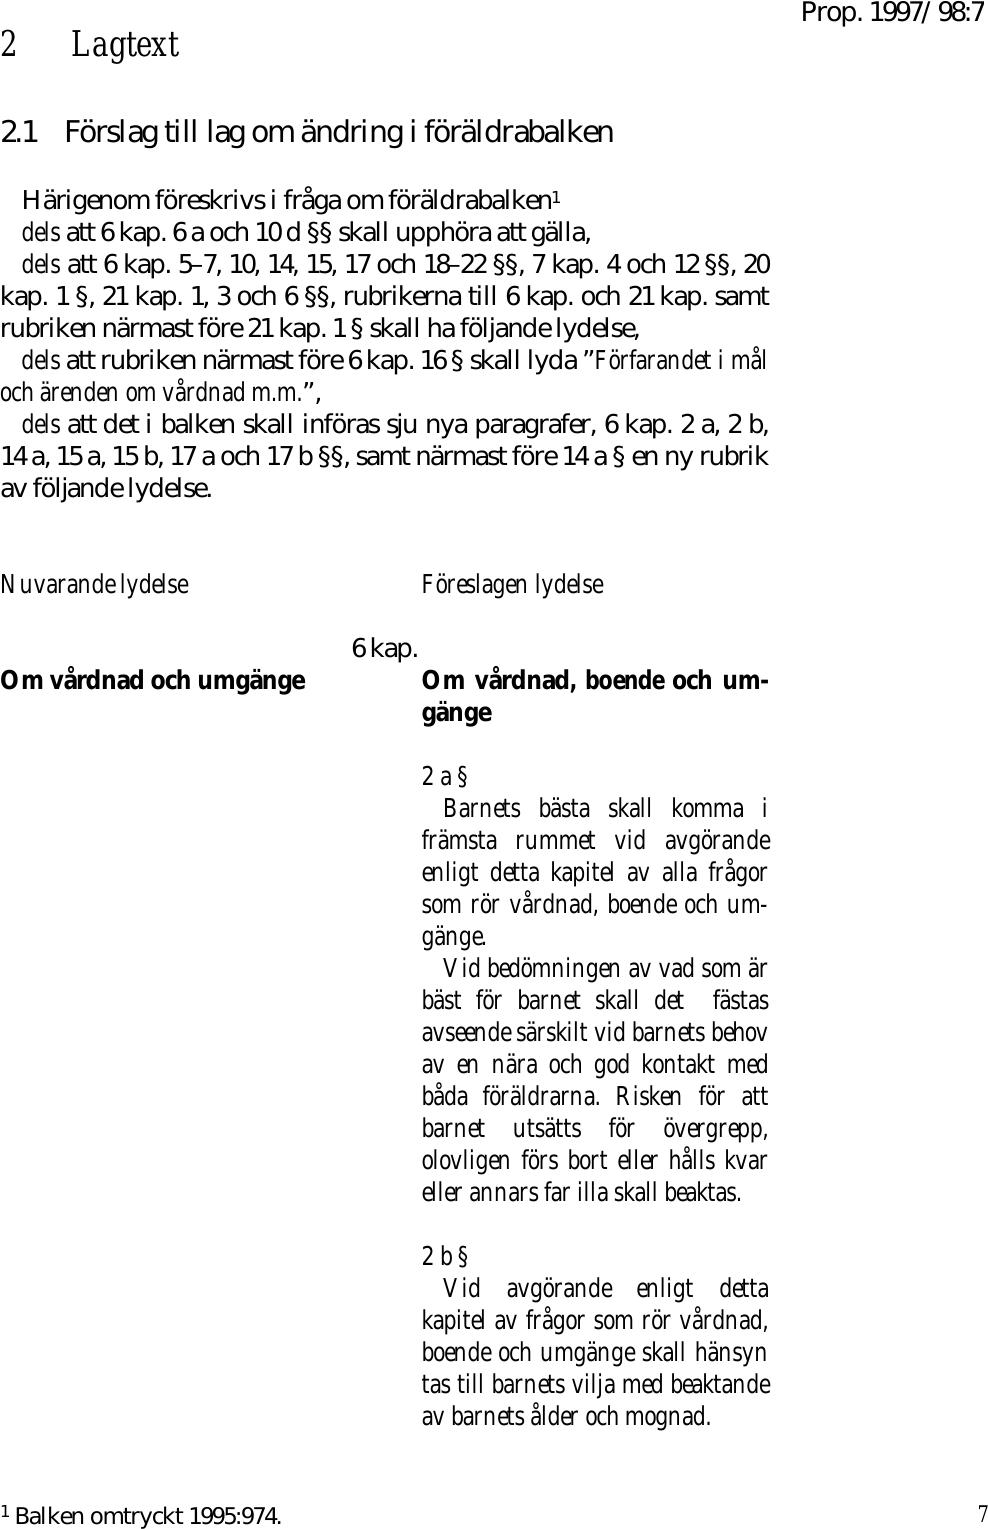 c327f8b9 Vårdnad, boende och umgänge | lagen.nu